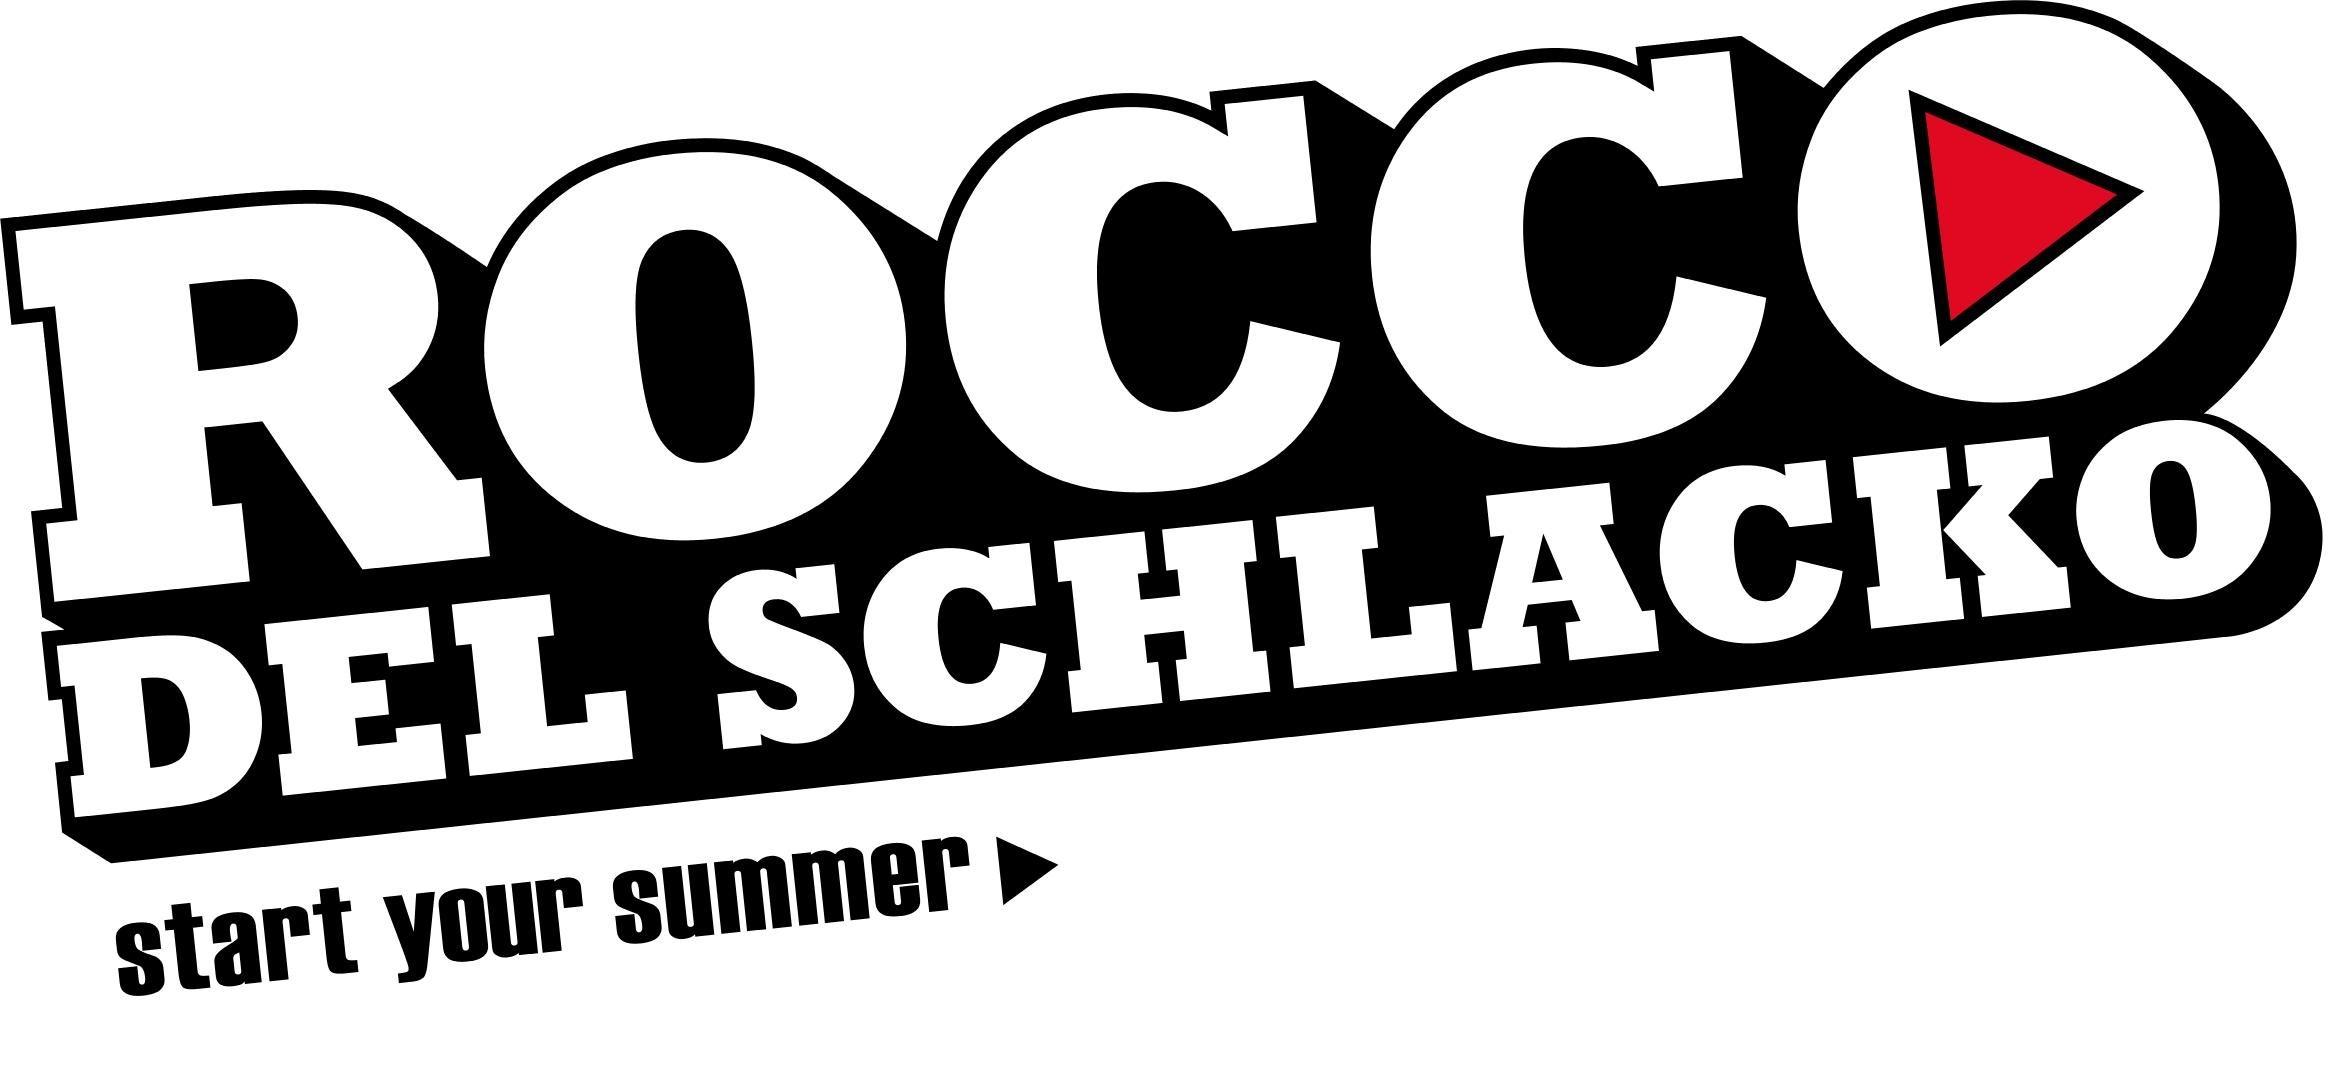 Rocco del Schlacko 2018